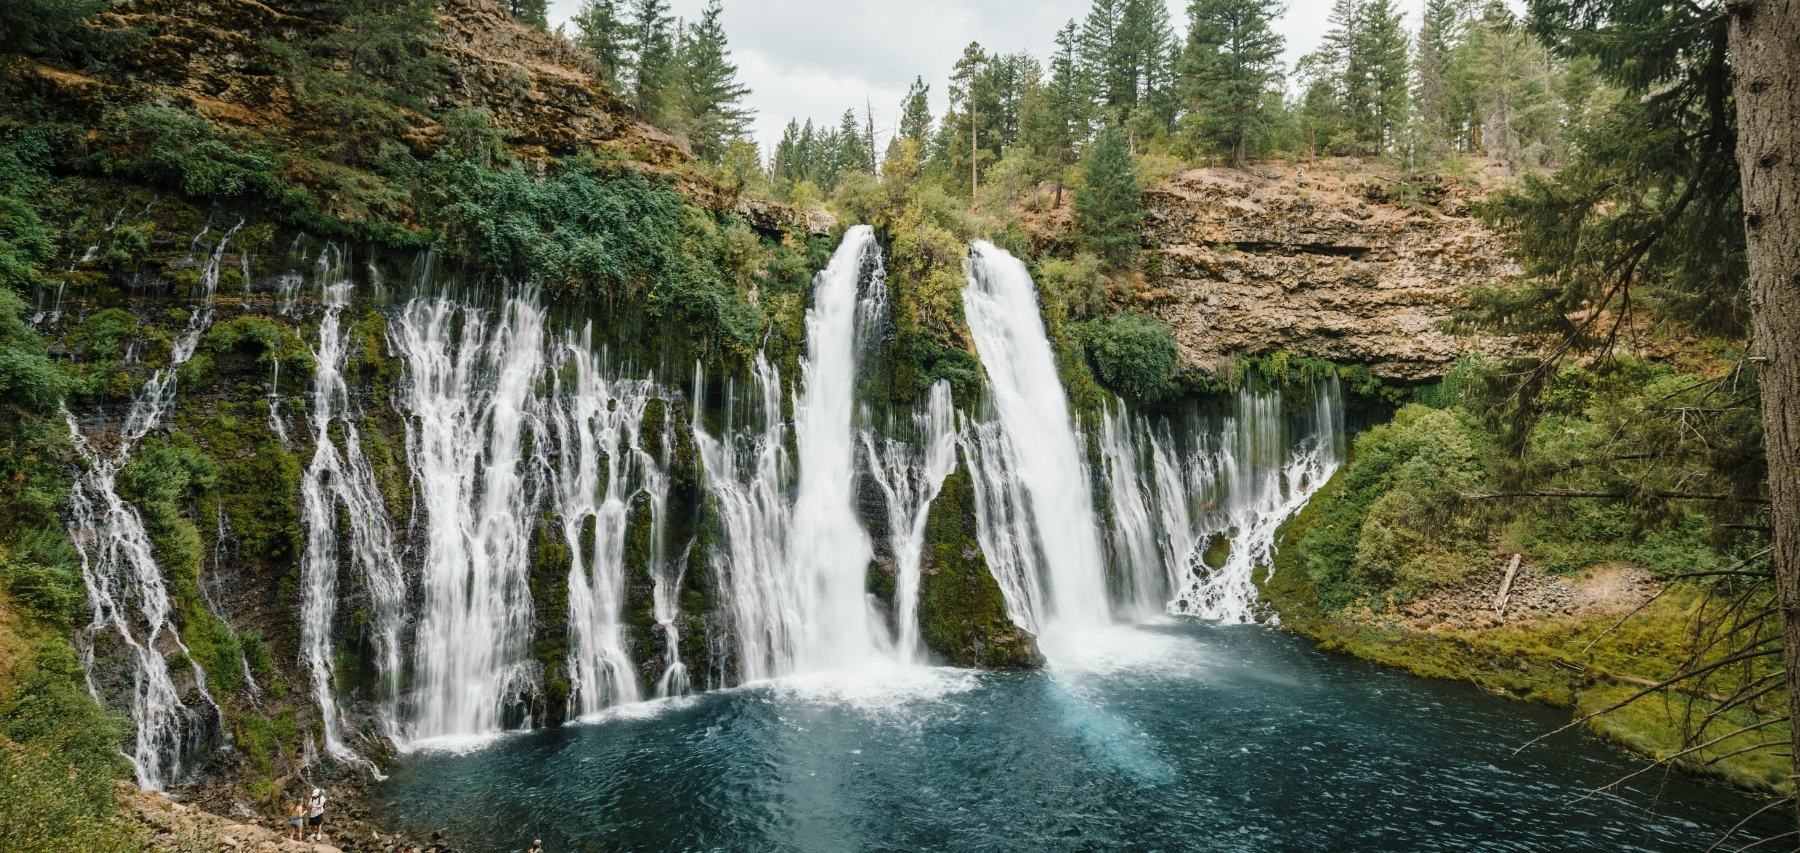 mcarthur-burney-falls-memorial-state-park